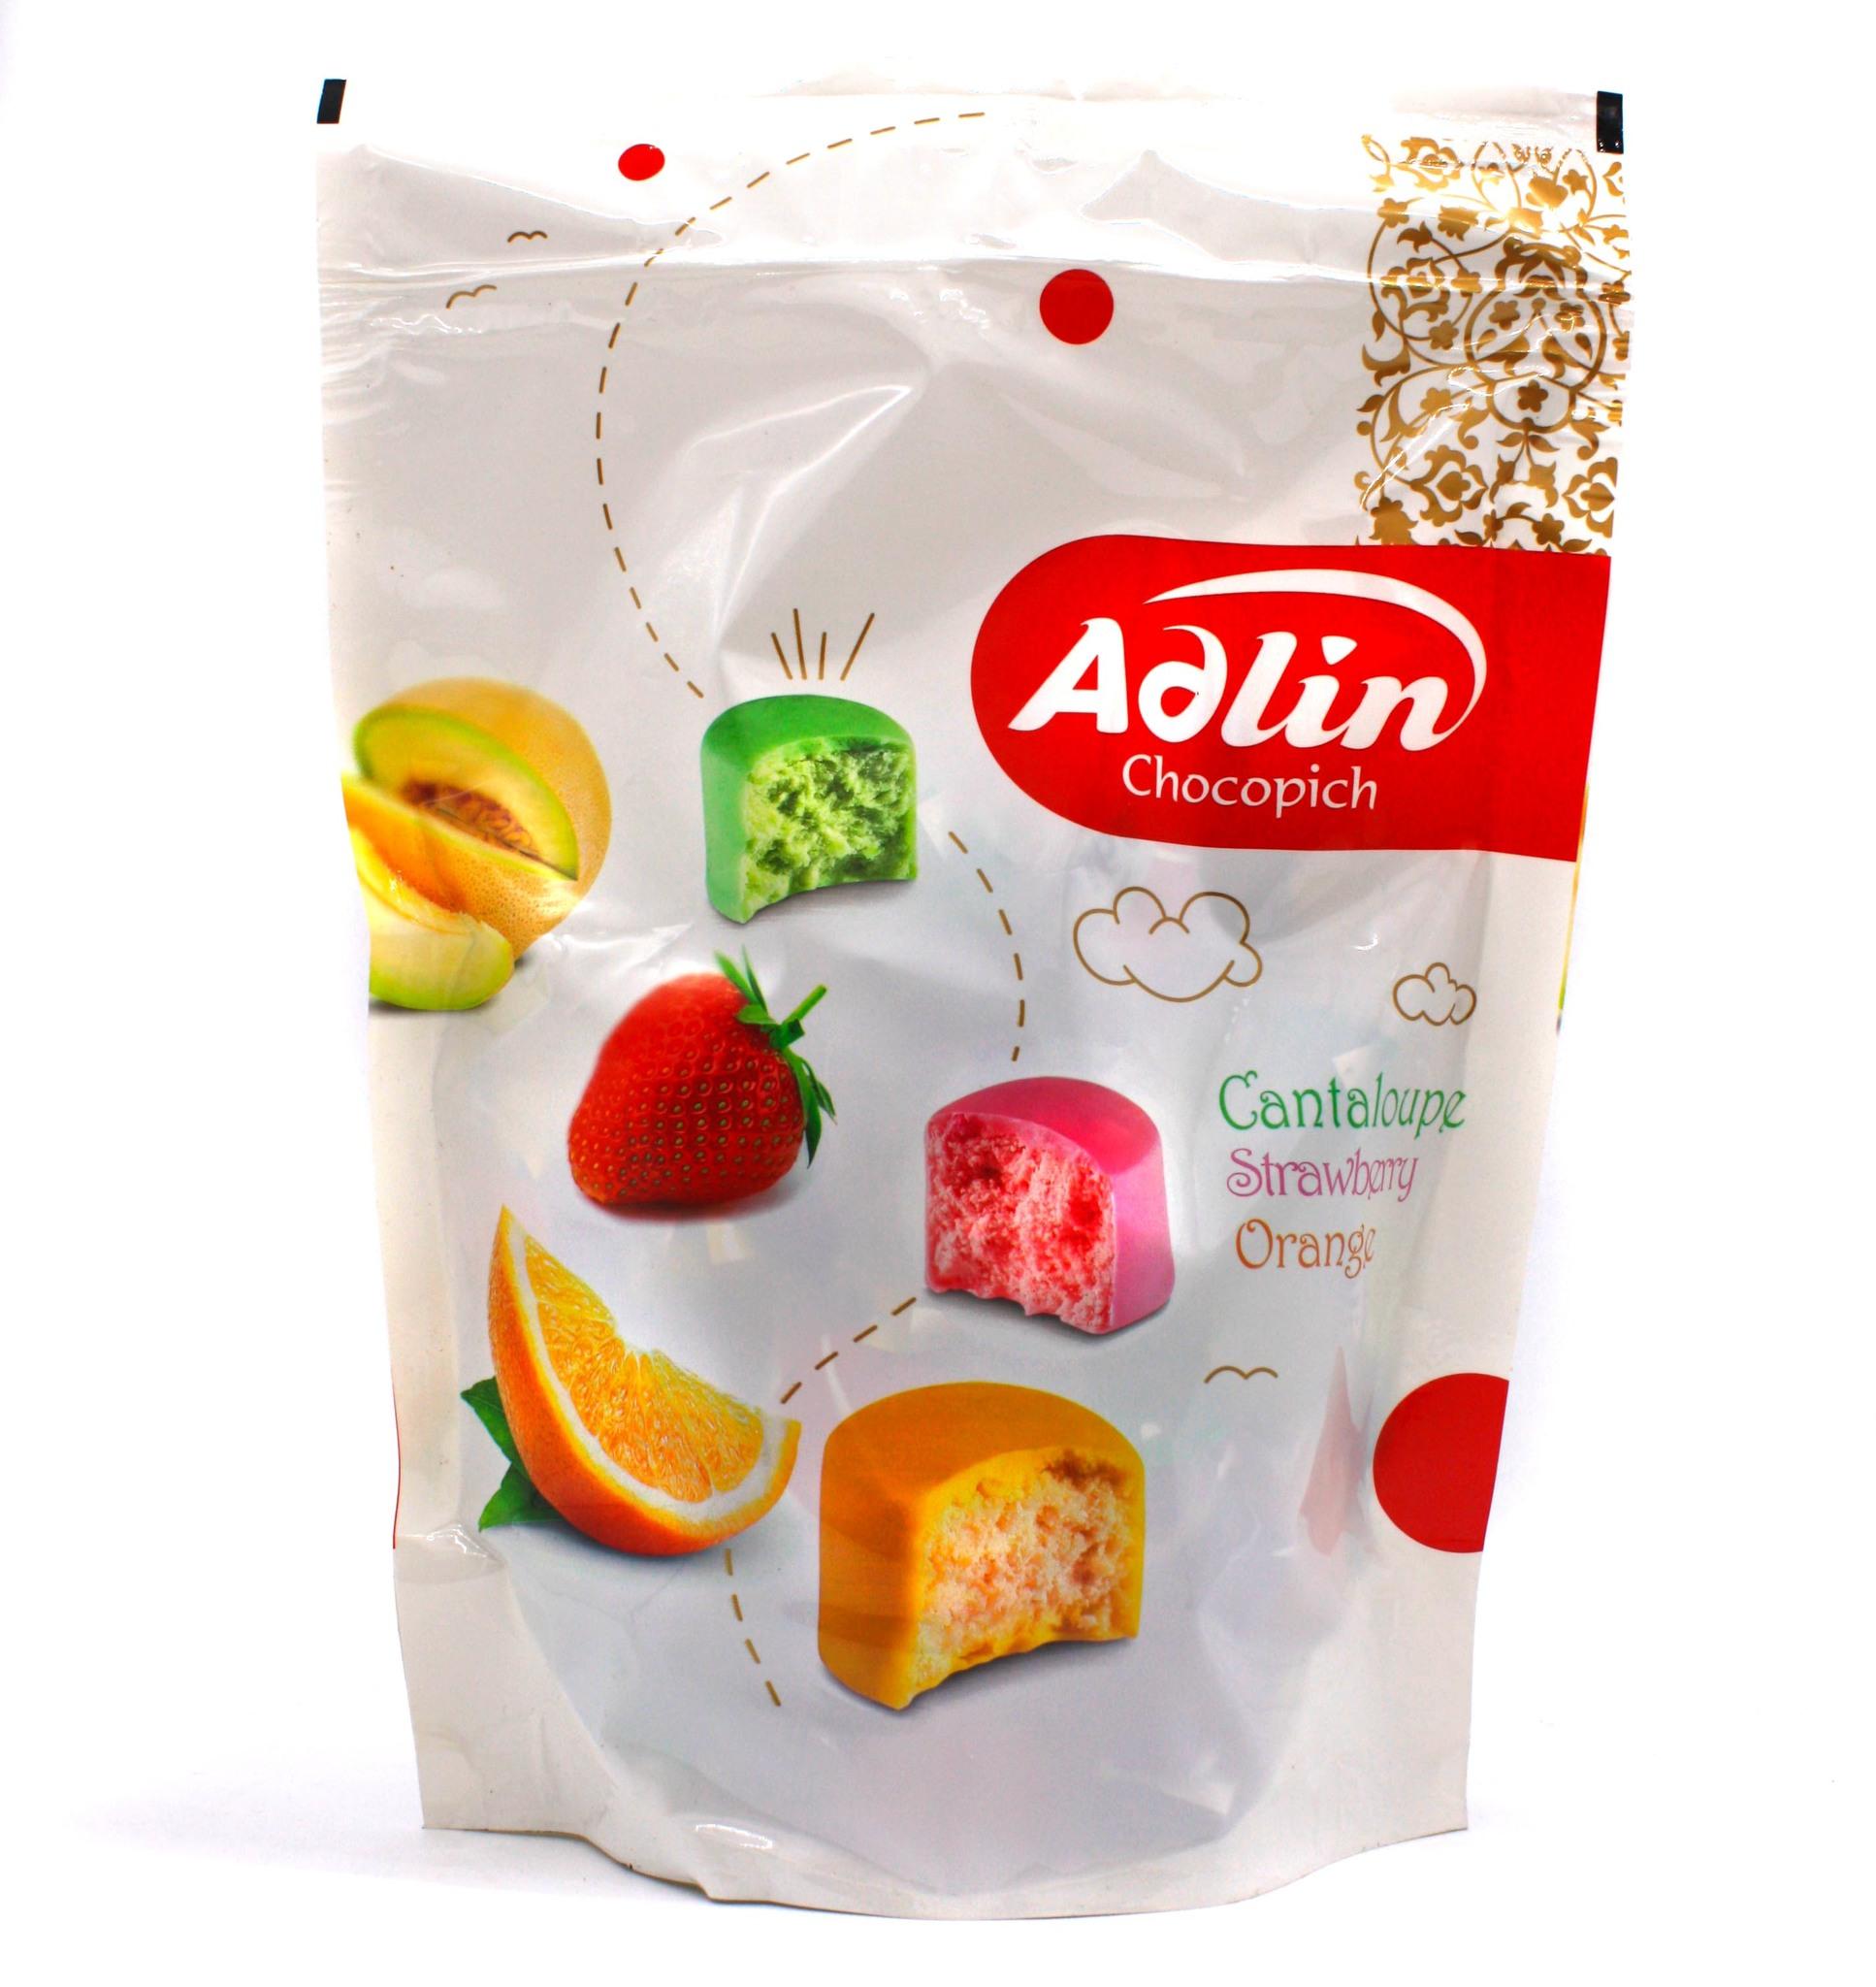 Пишмание со вкусом дыни, клубники и апельсина, Adlin, 350 г import_files_a2_a2b1acb8f24f11e8a9a1484d7ecee297_0dfb203ff79511e8a9a1484d7ecee297.jpg